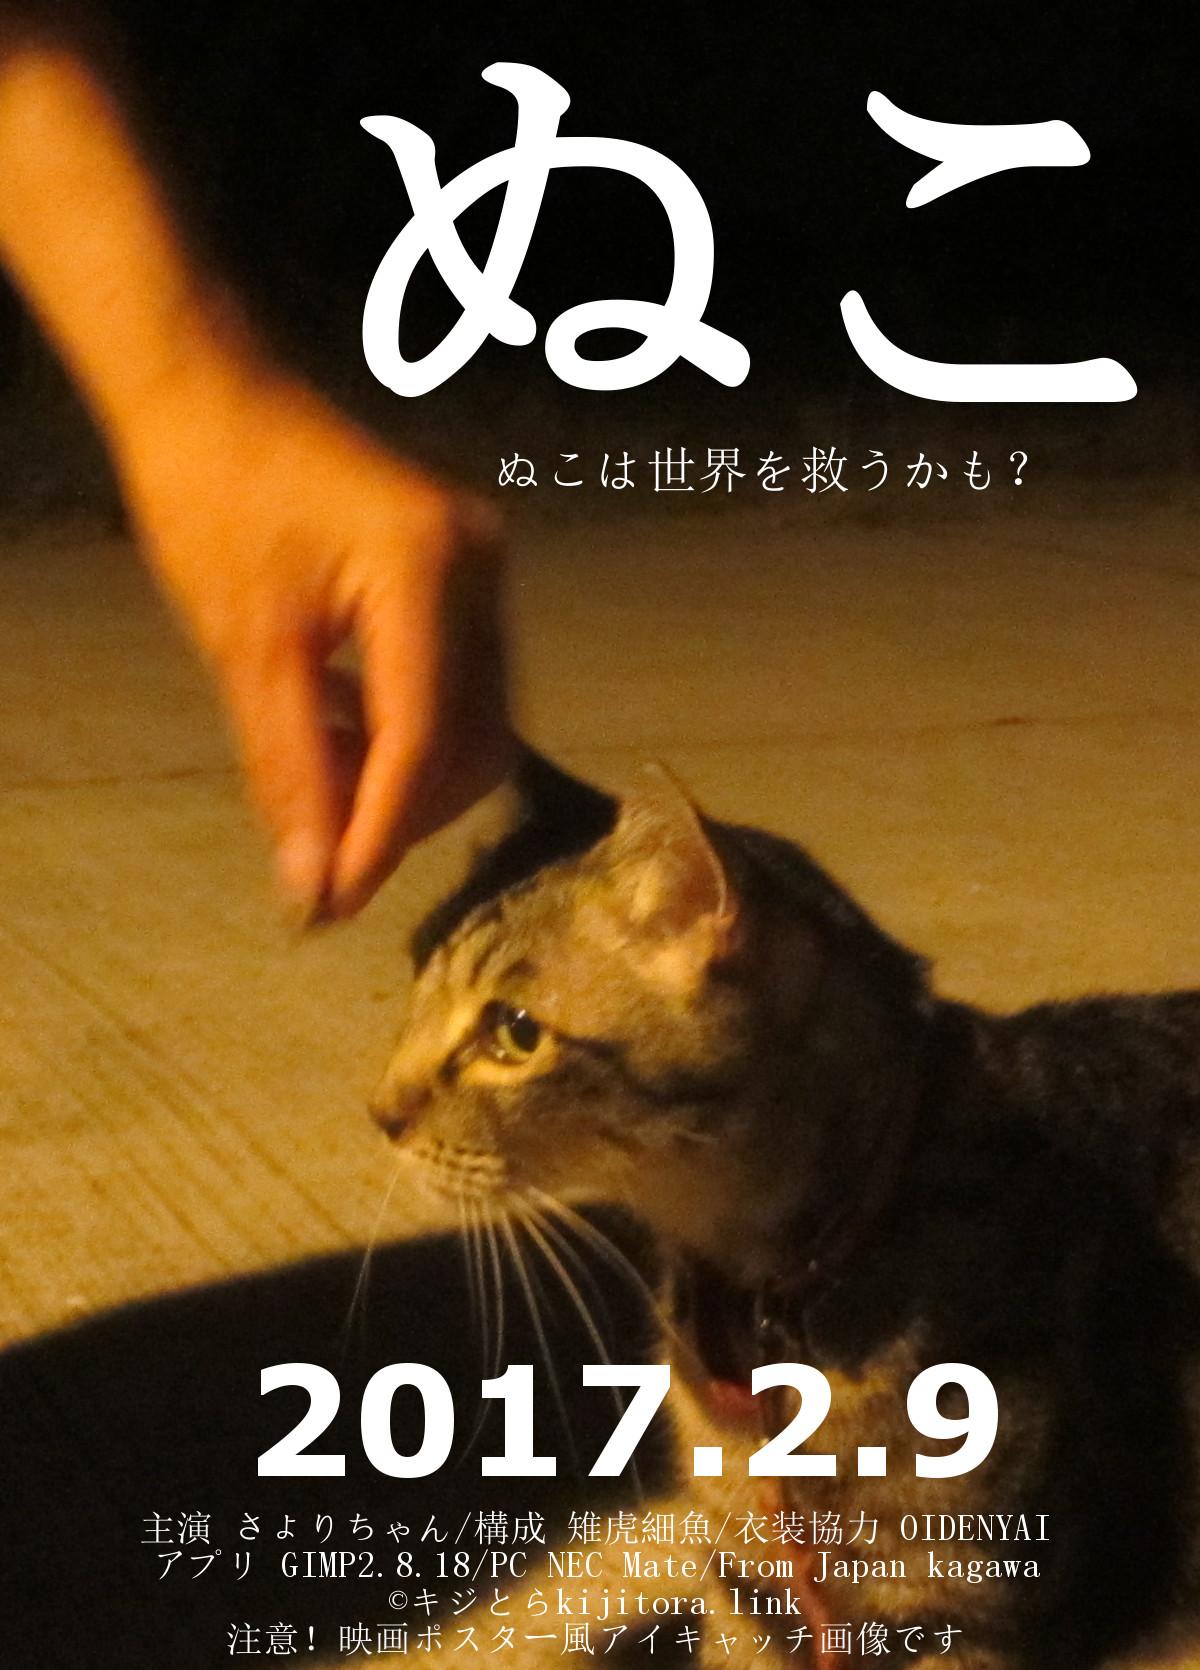 【猫用語】ぬこ・ヌコ